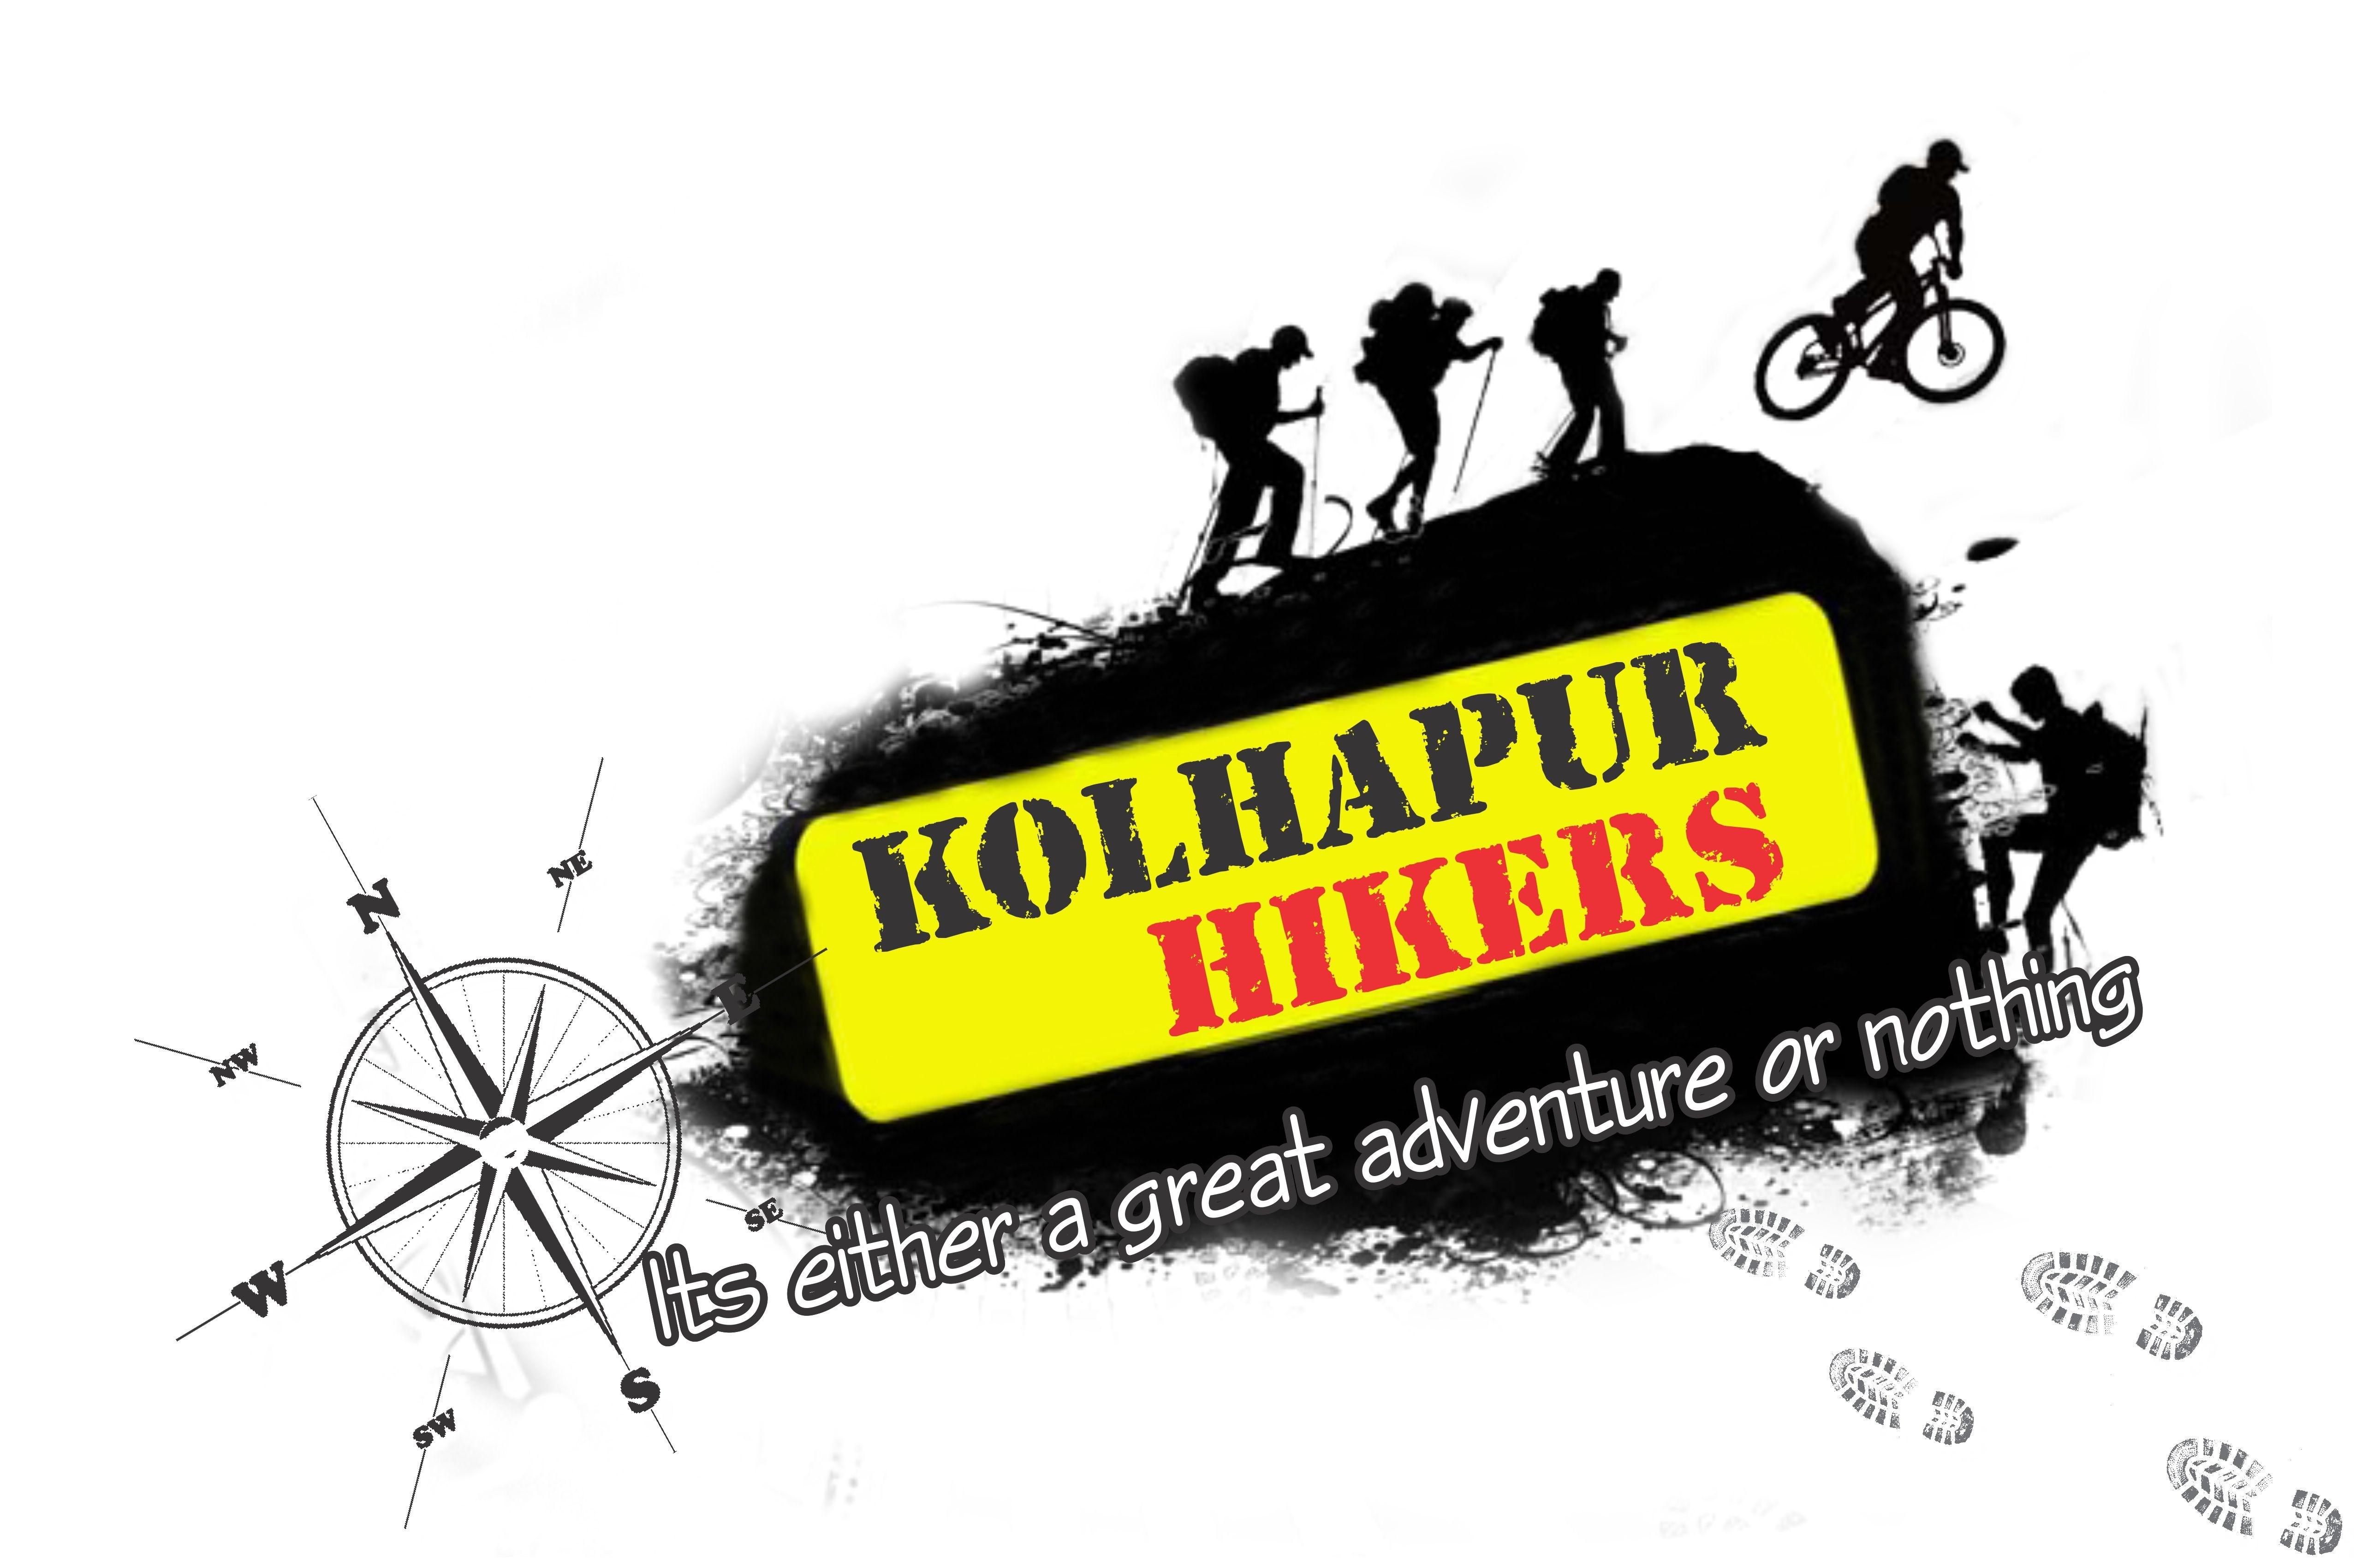 Kolhapur Hikers